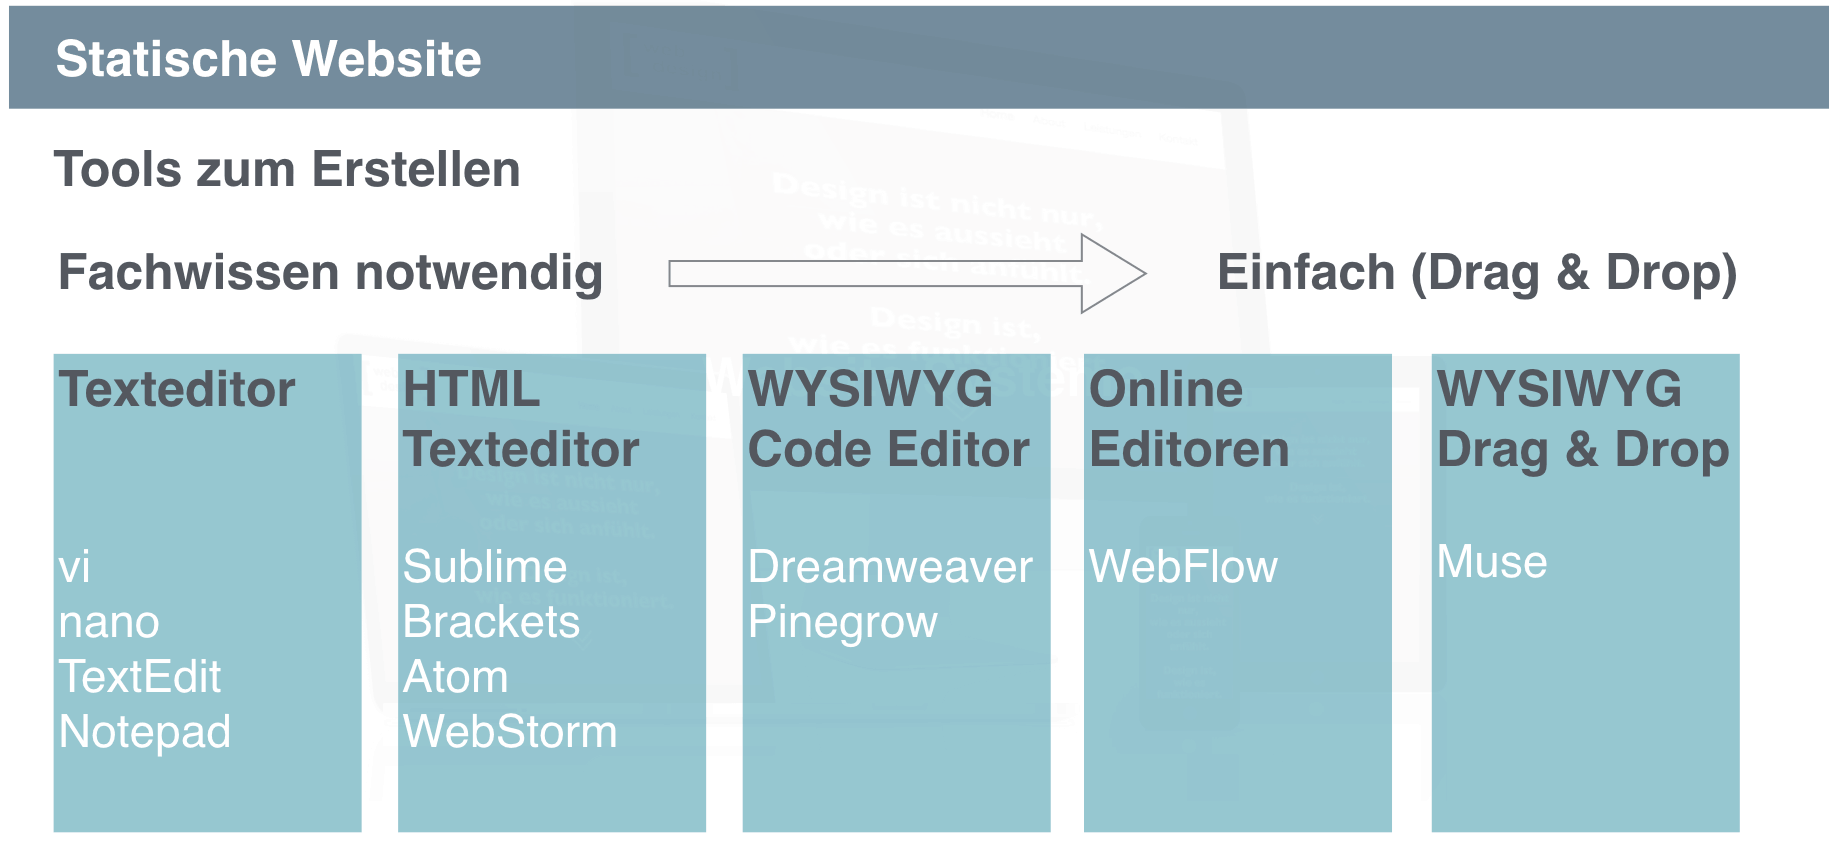 Tools für statische Webseiten